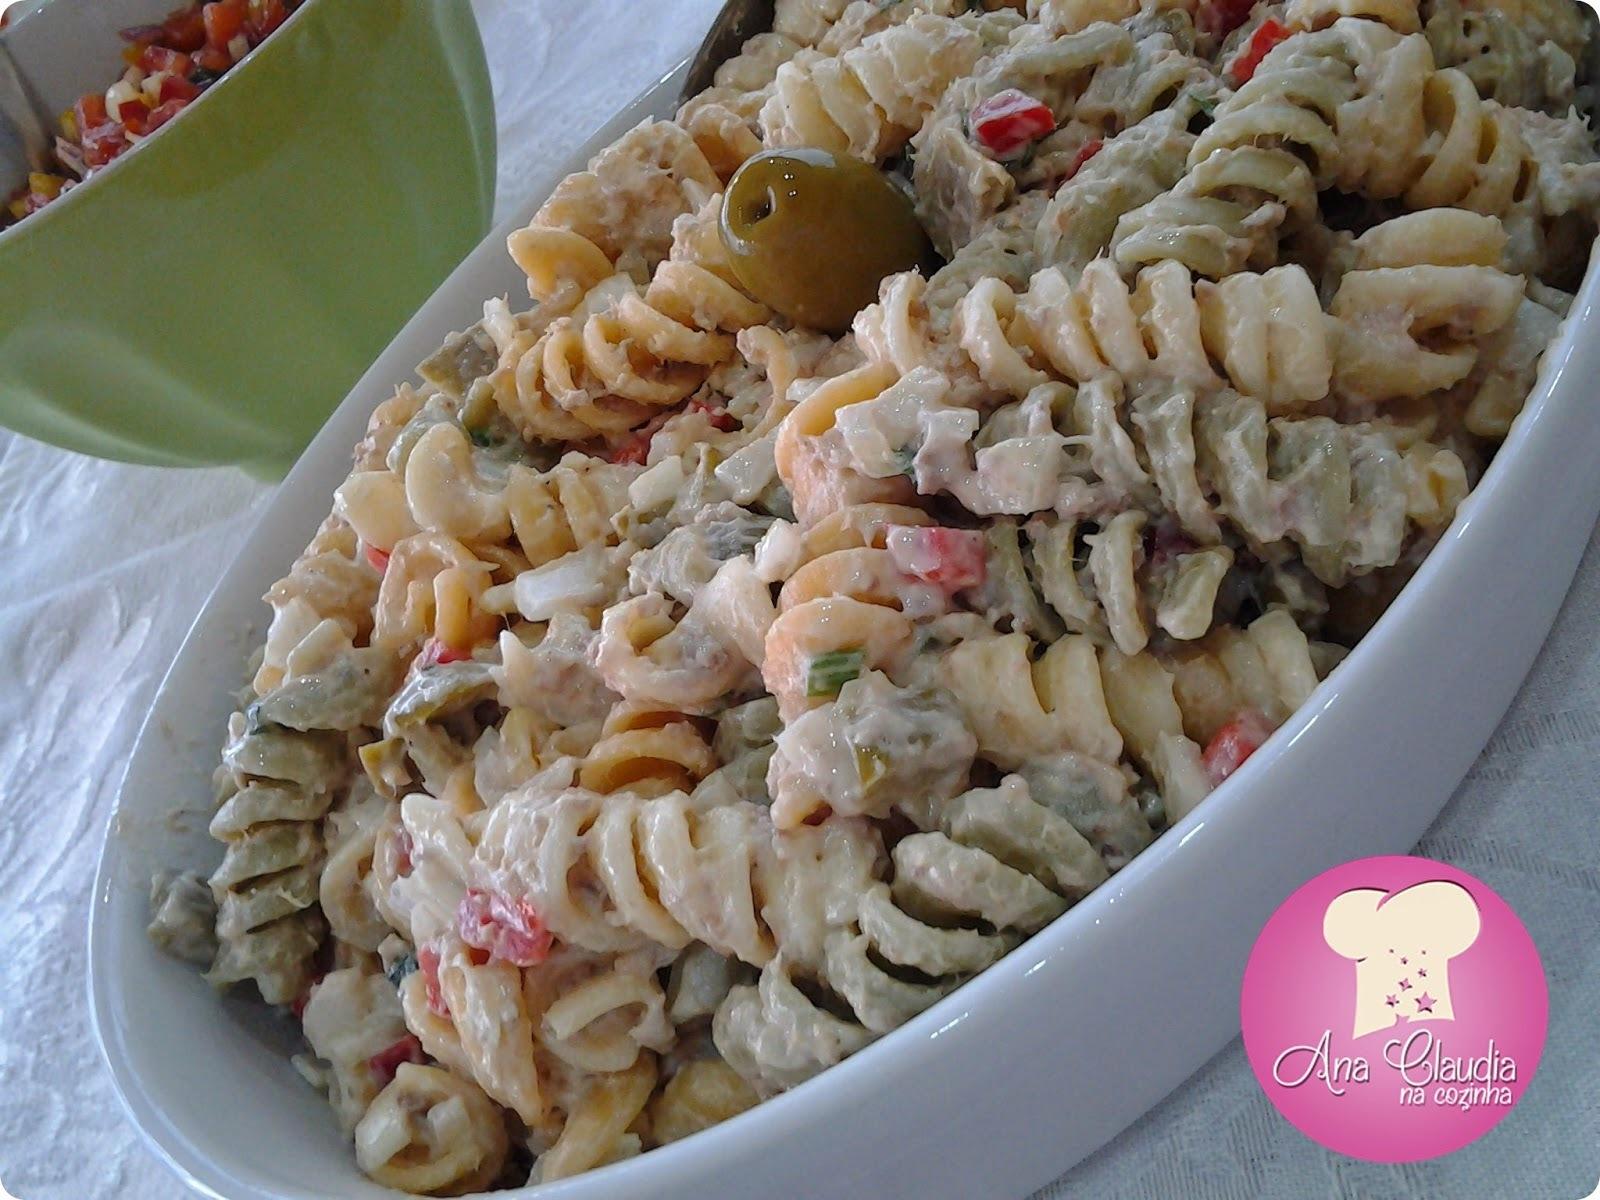 salada de macarrão e atum em lata